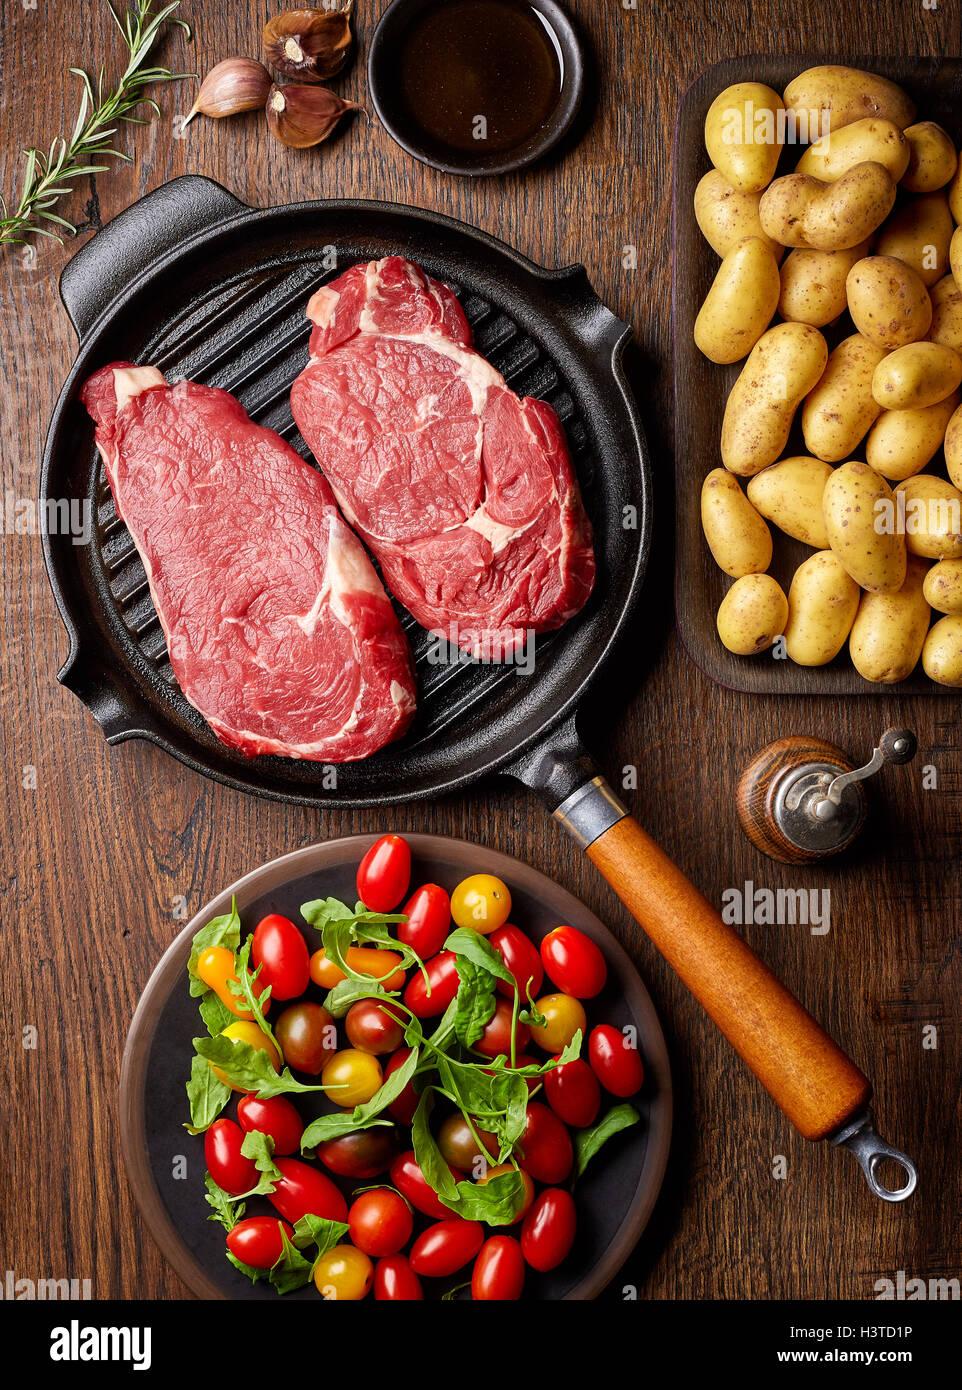 Steak de boeuf cru sur gril, pommes de terre, les épices et les tomates, vue du dessus, on wooden table Photo Stock